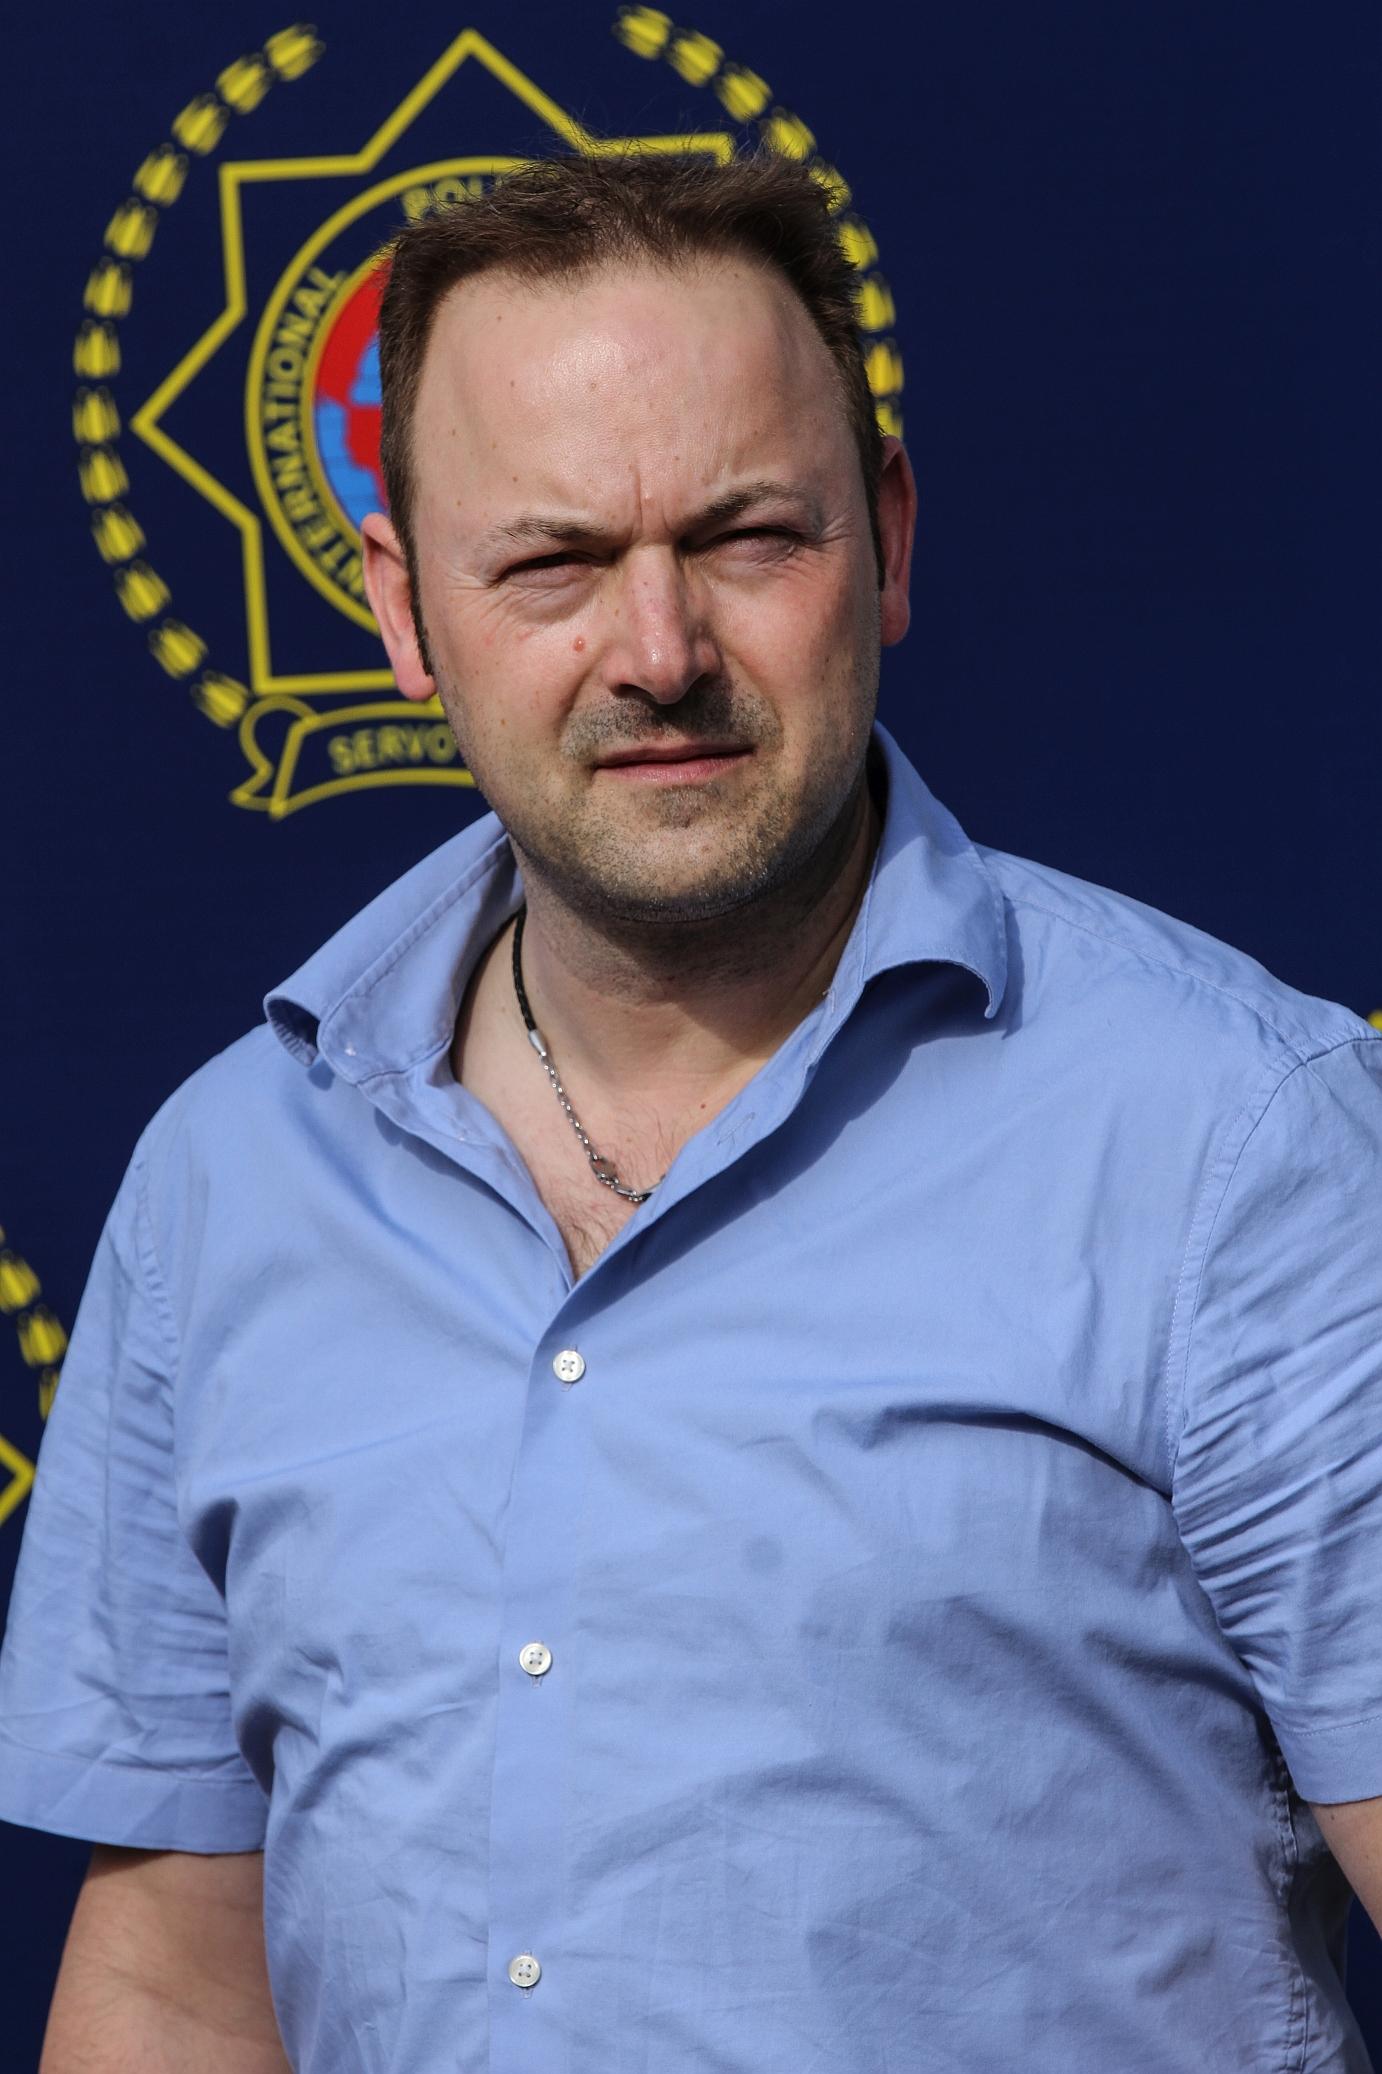 Carsten Mergen